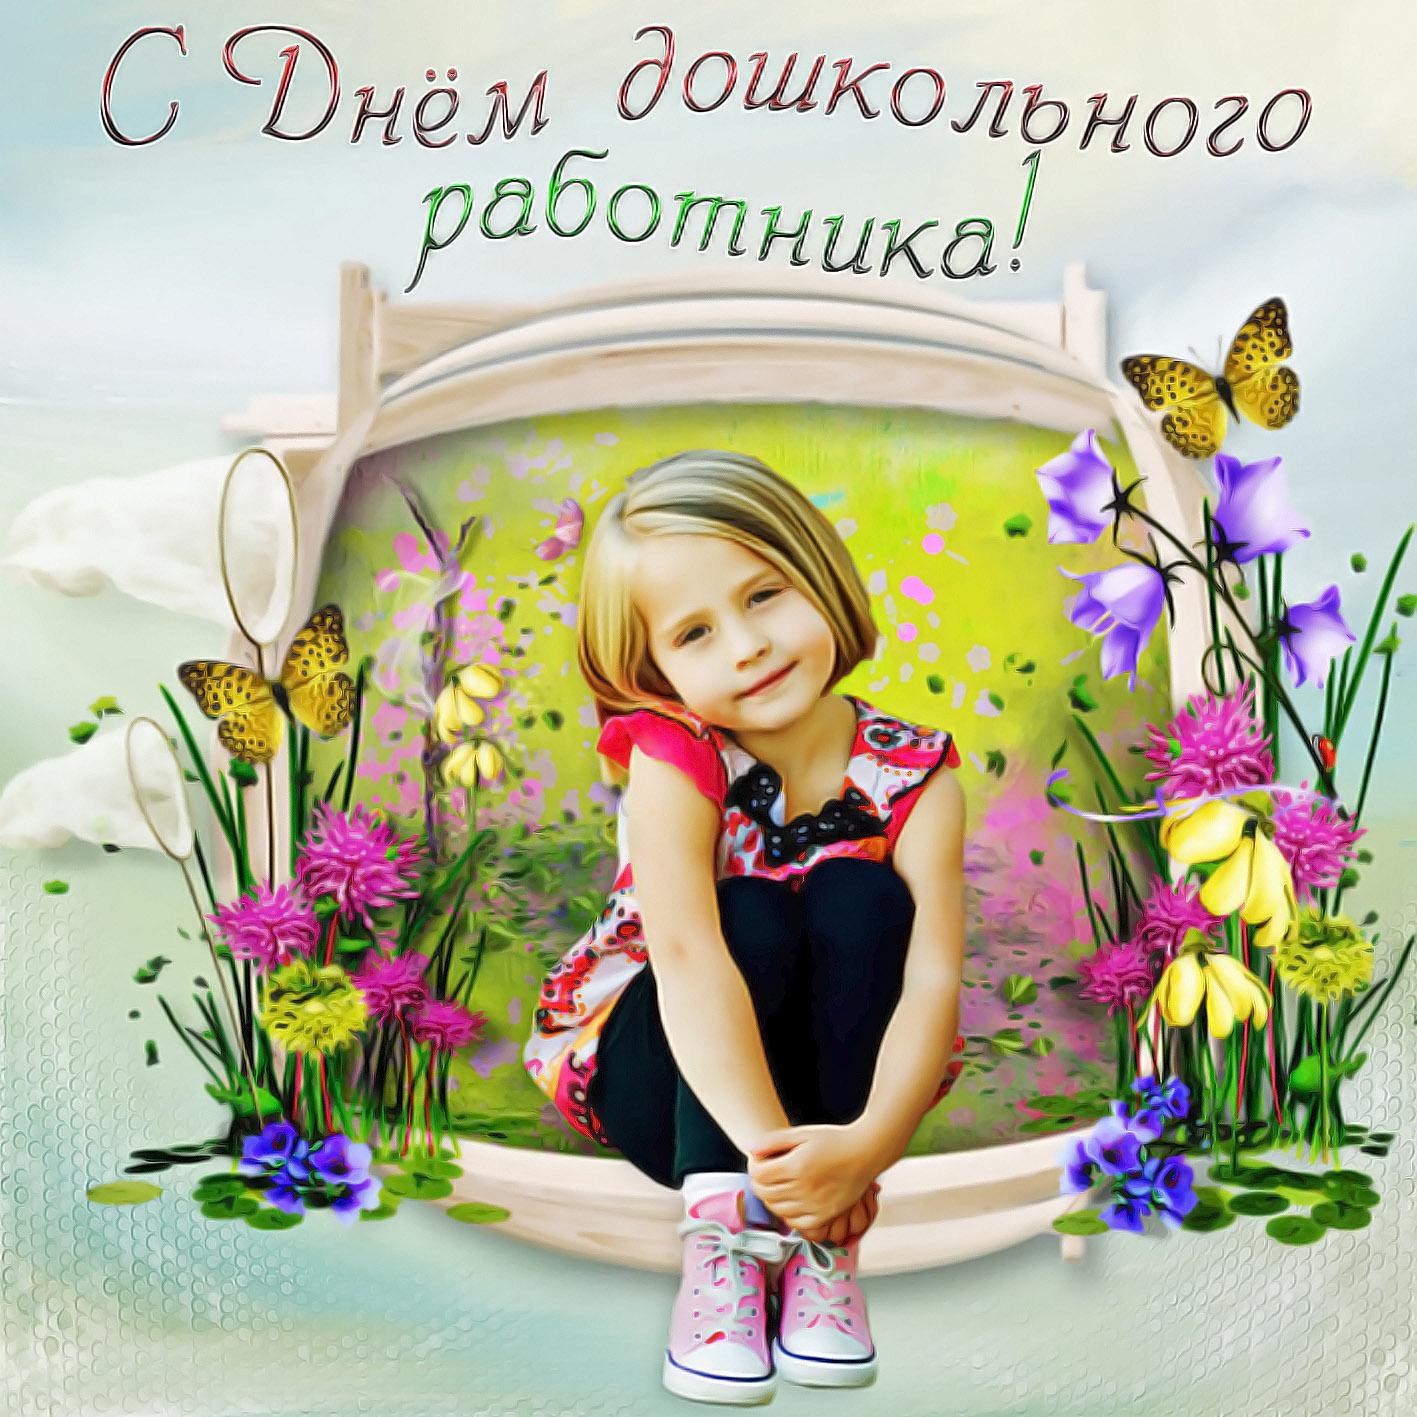 Открытка на День дошкольного работника - девочка на красивом фоне из цветов